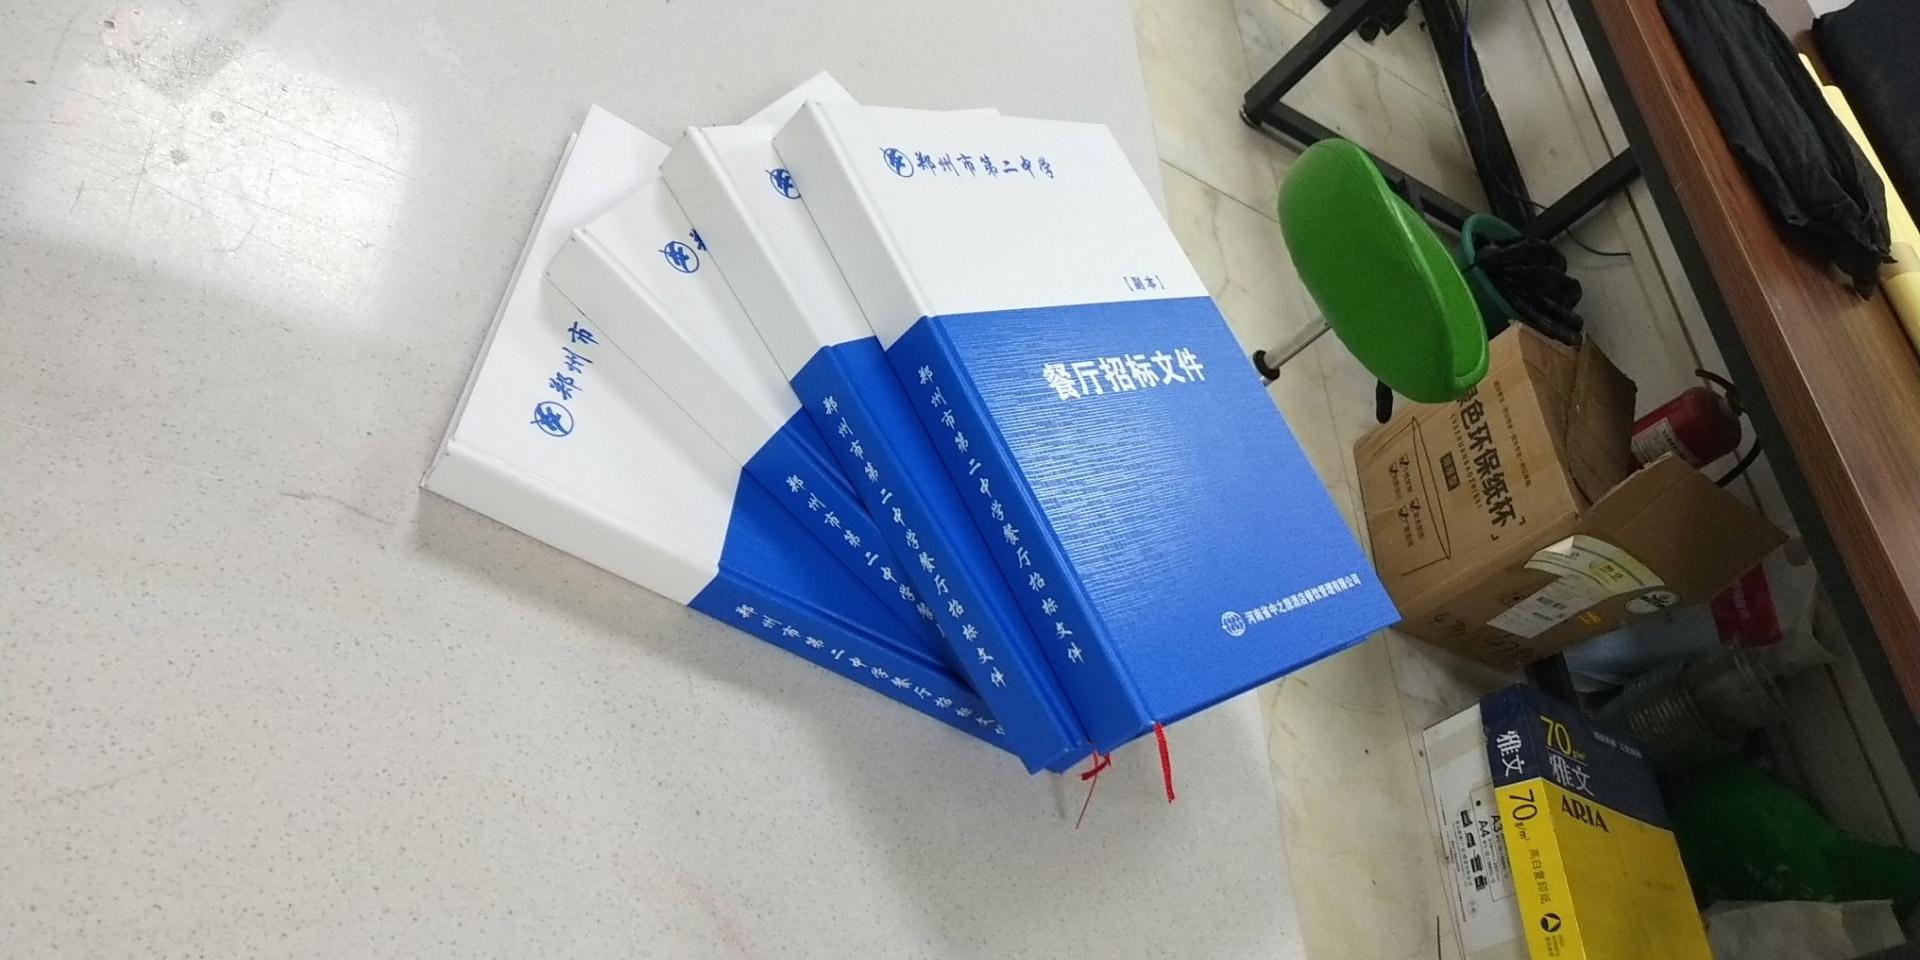 郑州书籍装订设计哪个好?